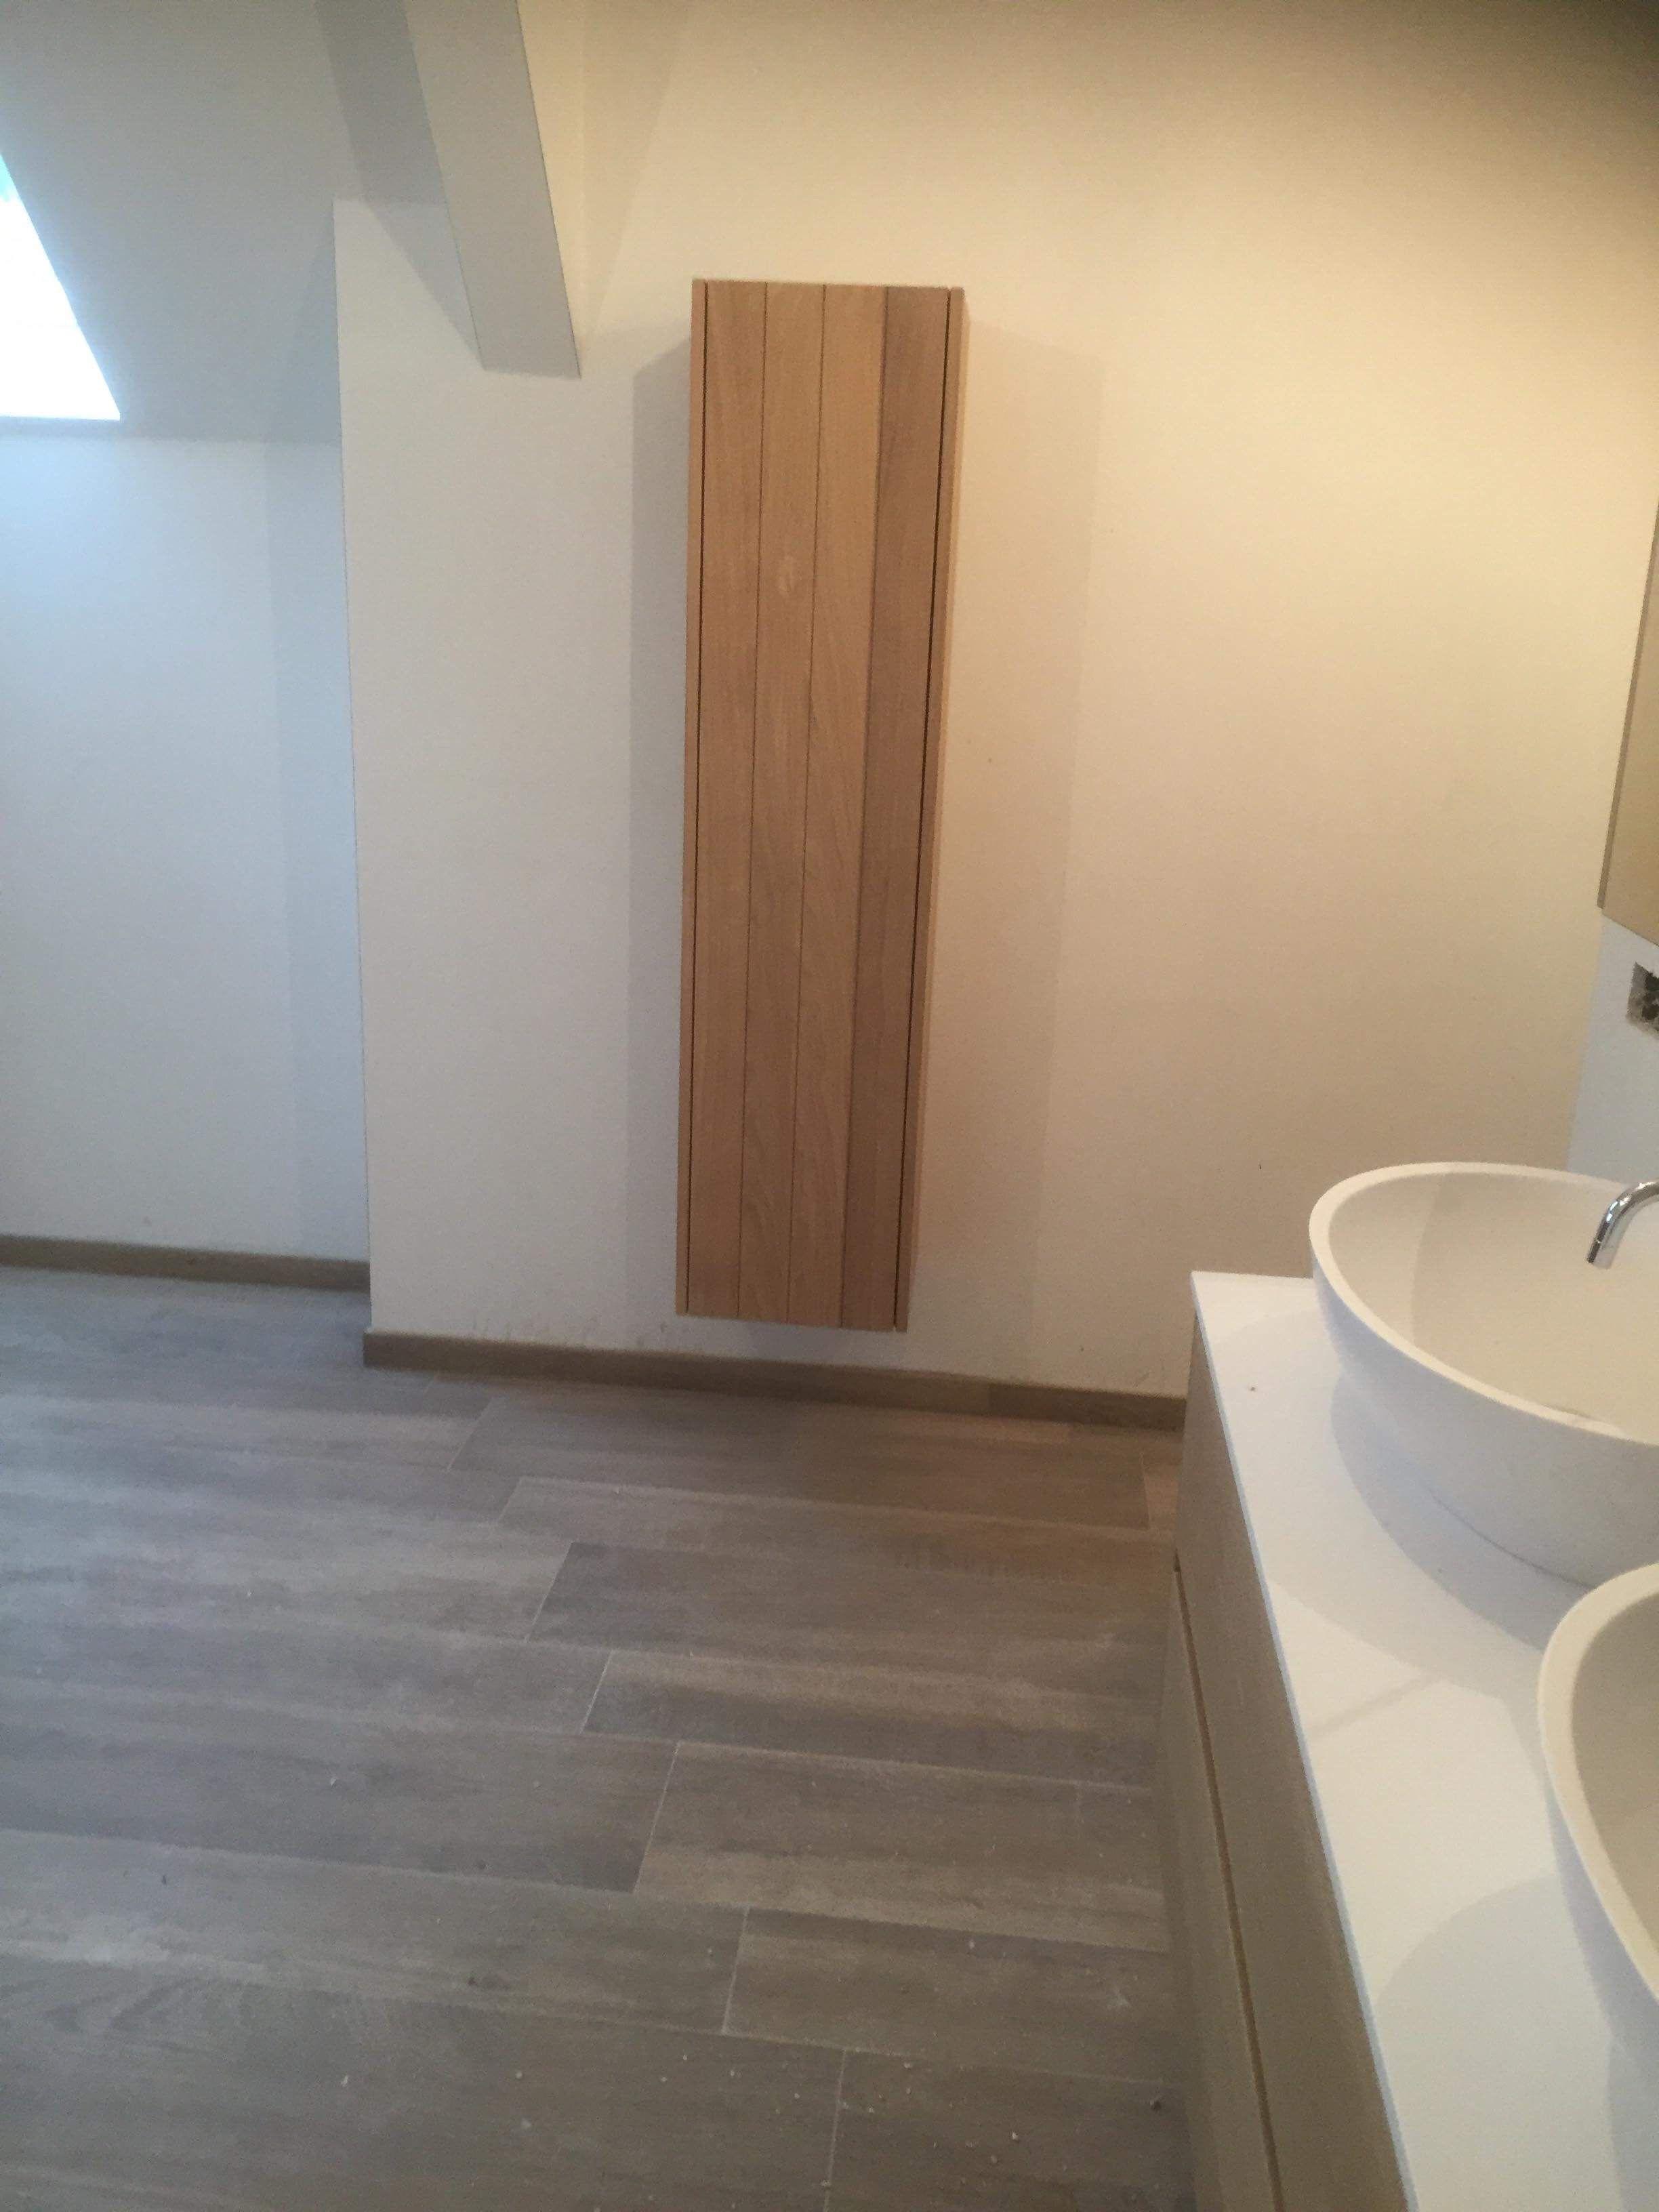 Kolomkast badkamer. Desco | Our house in 2018 | Pinterest